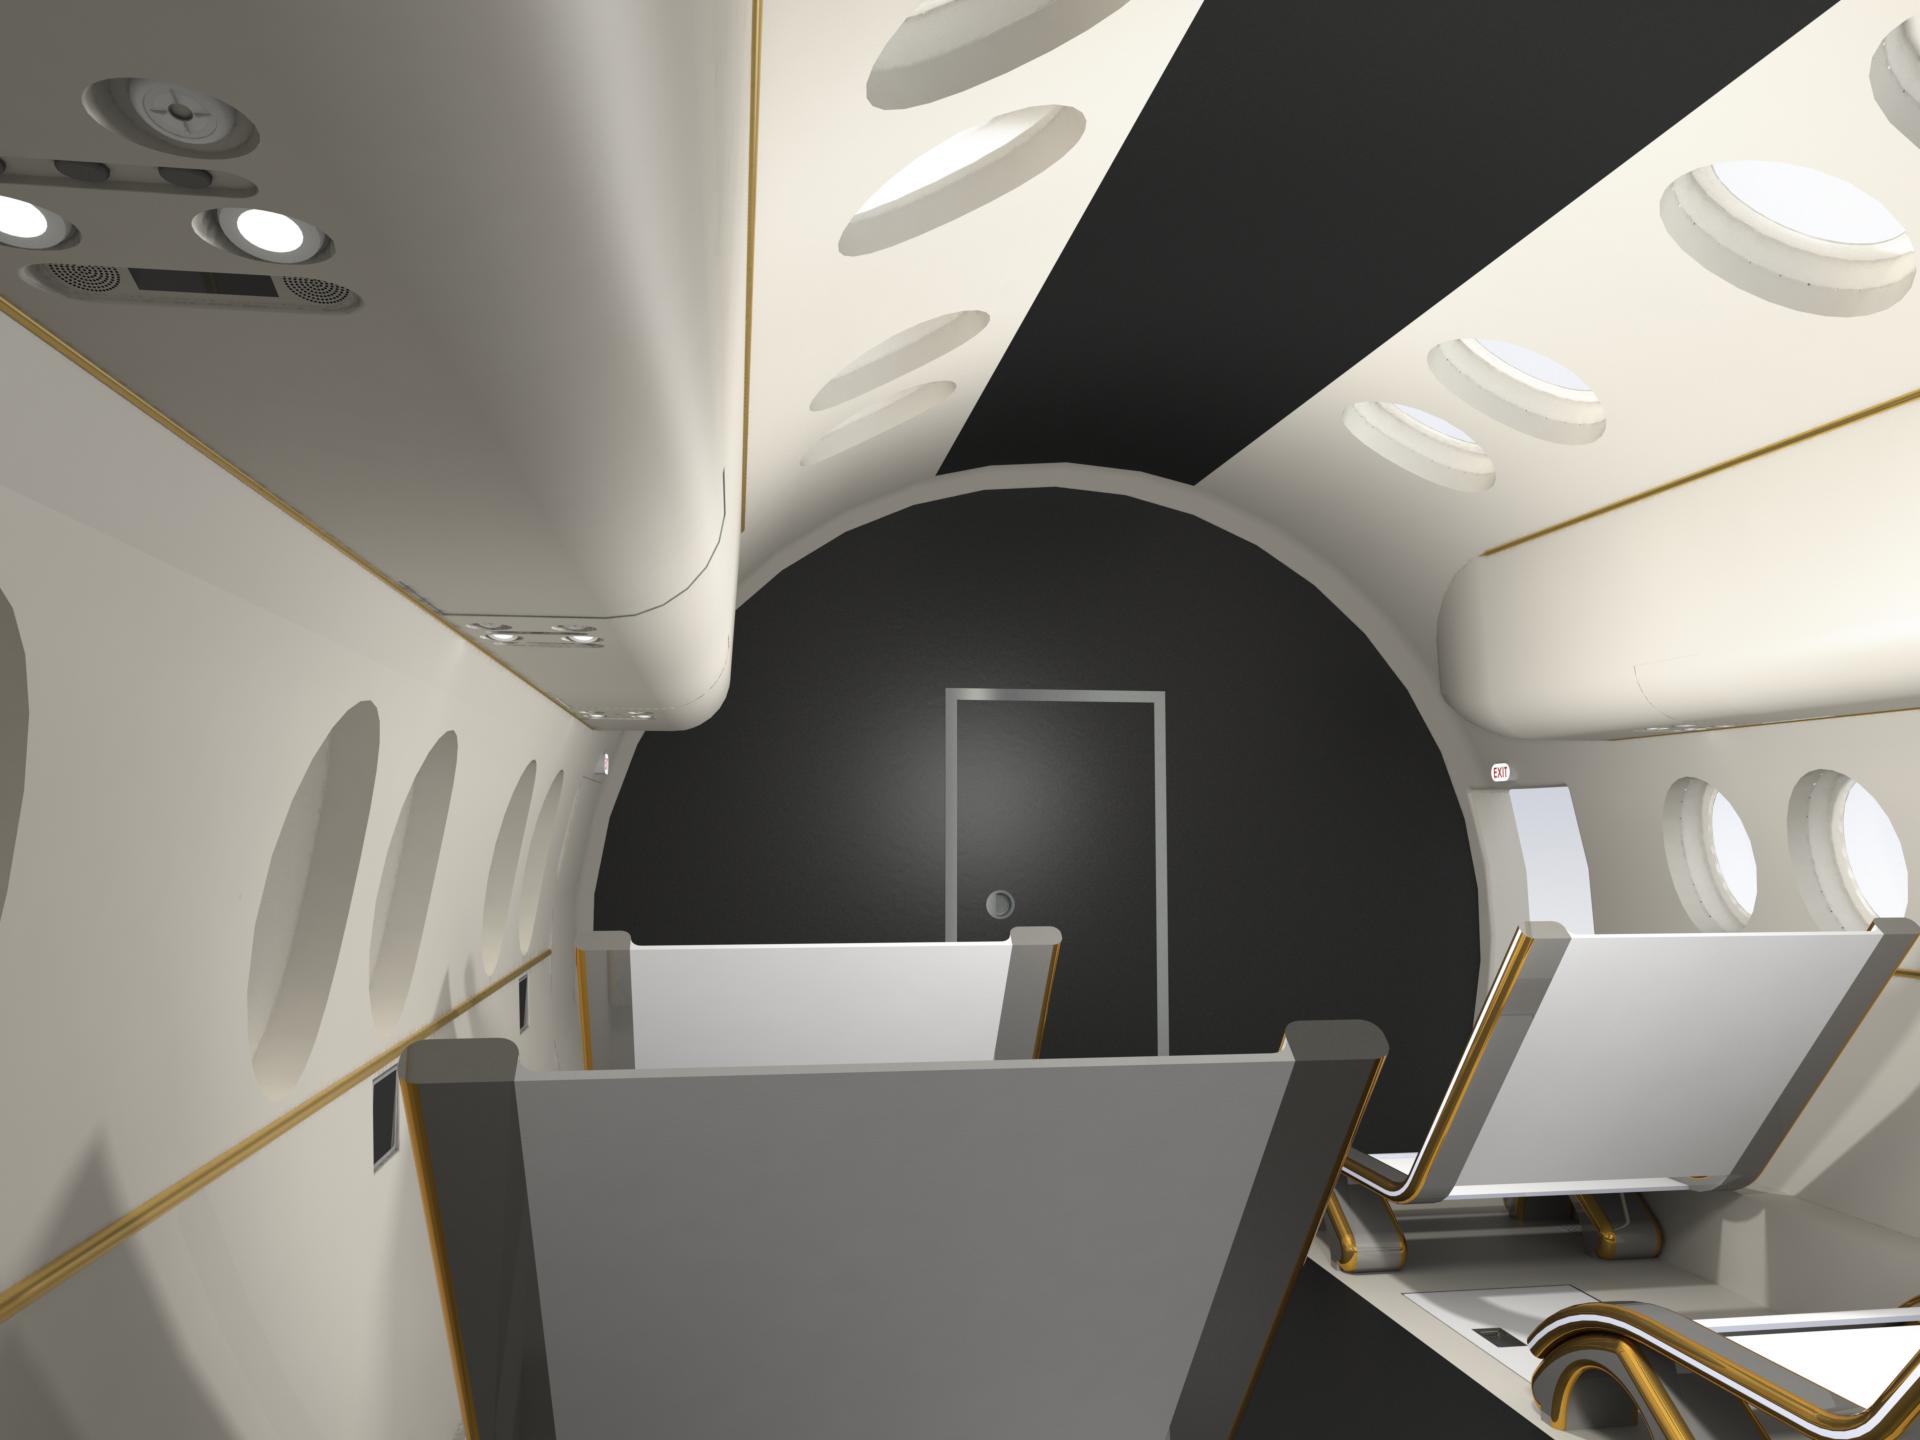 Kabina załogowa w samolocie suborbitalnym